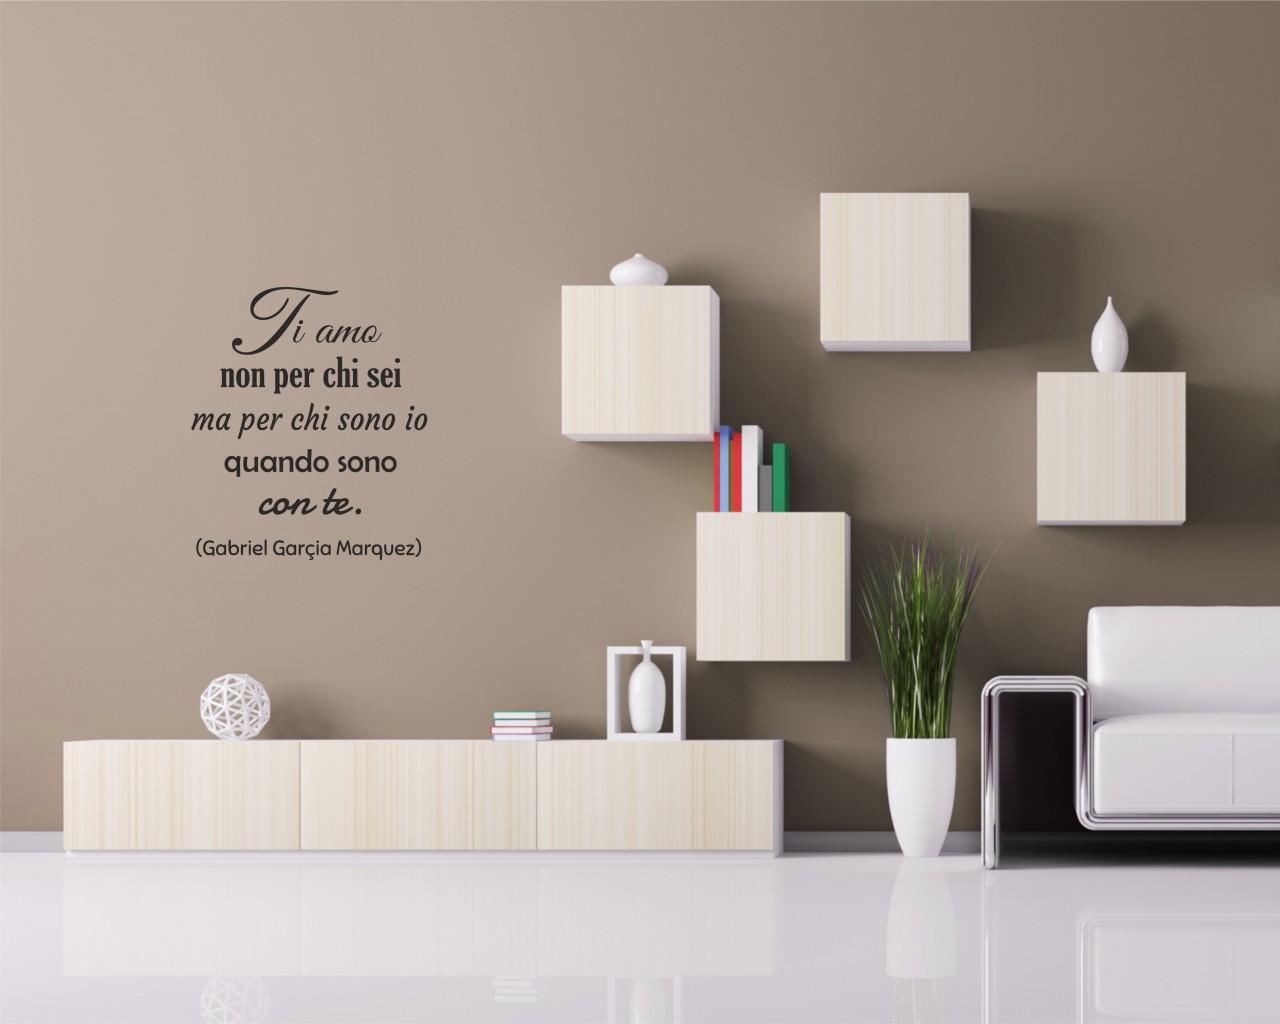 Adesivo murale ti amo non per chi sei wall stickers adesivi da parete ebay - Adesivi da parete ikea ...